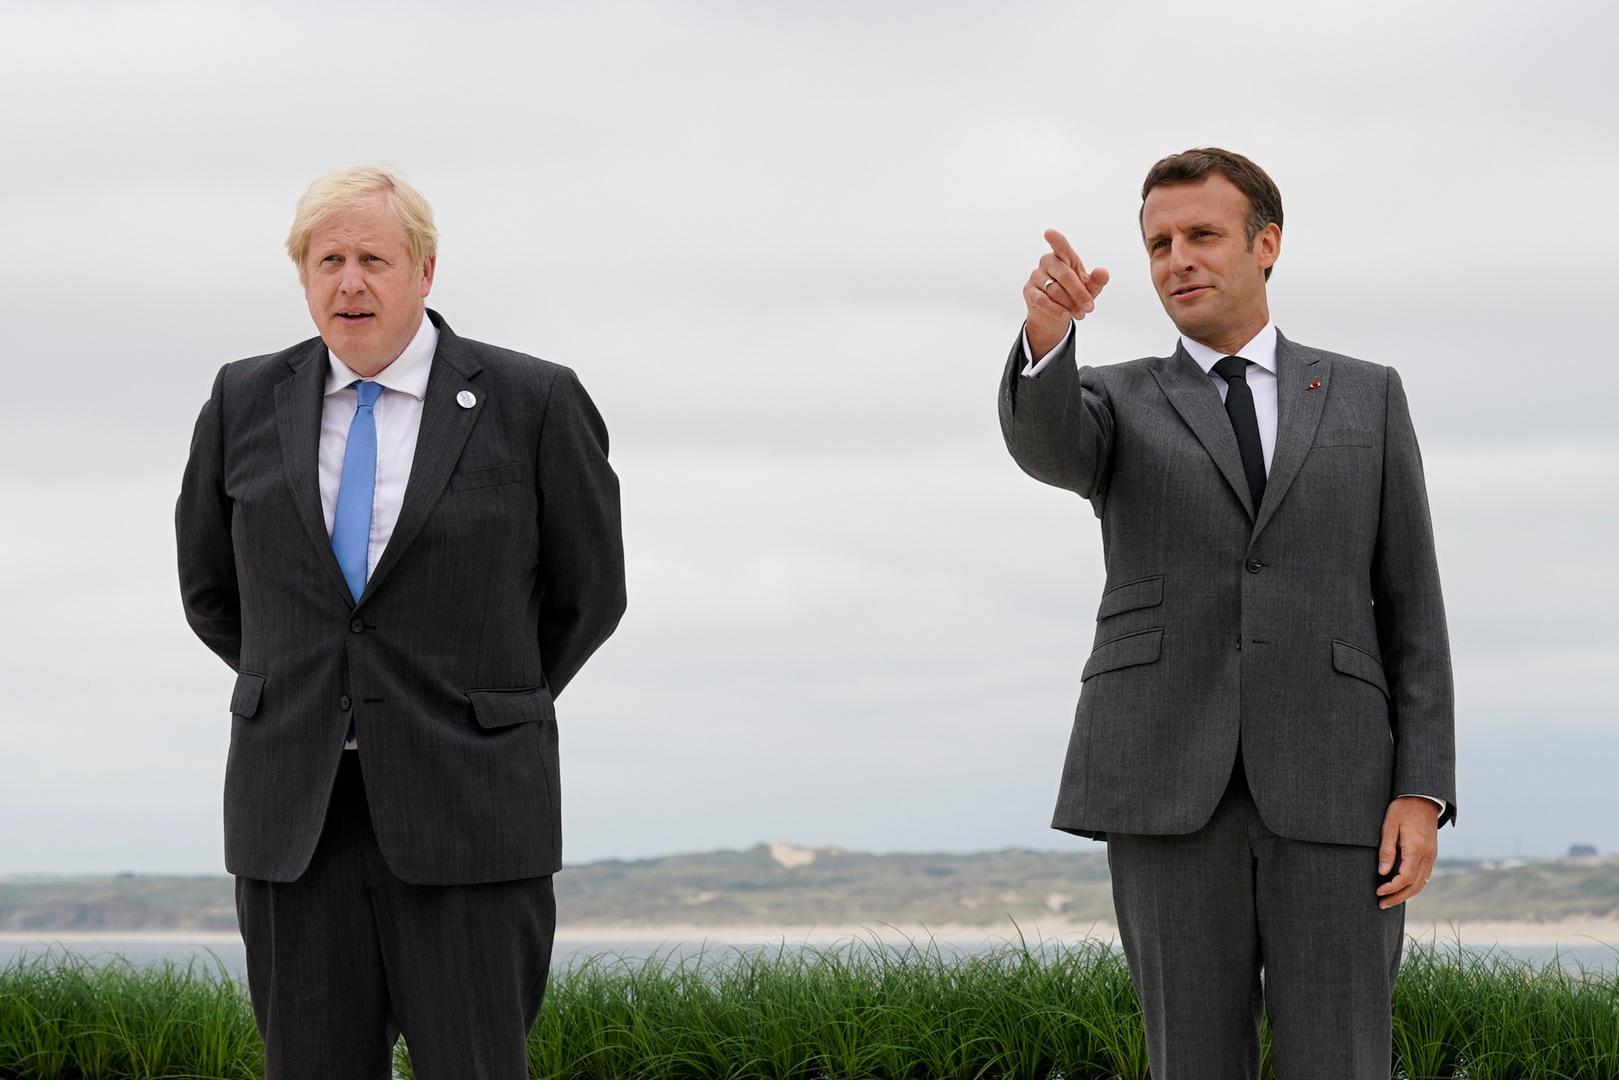 الرئيس الفرنسي إيمانويل ماكرون ورئيس الوزراء البريطاني بوريس جونسون